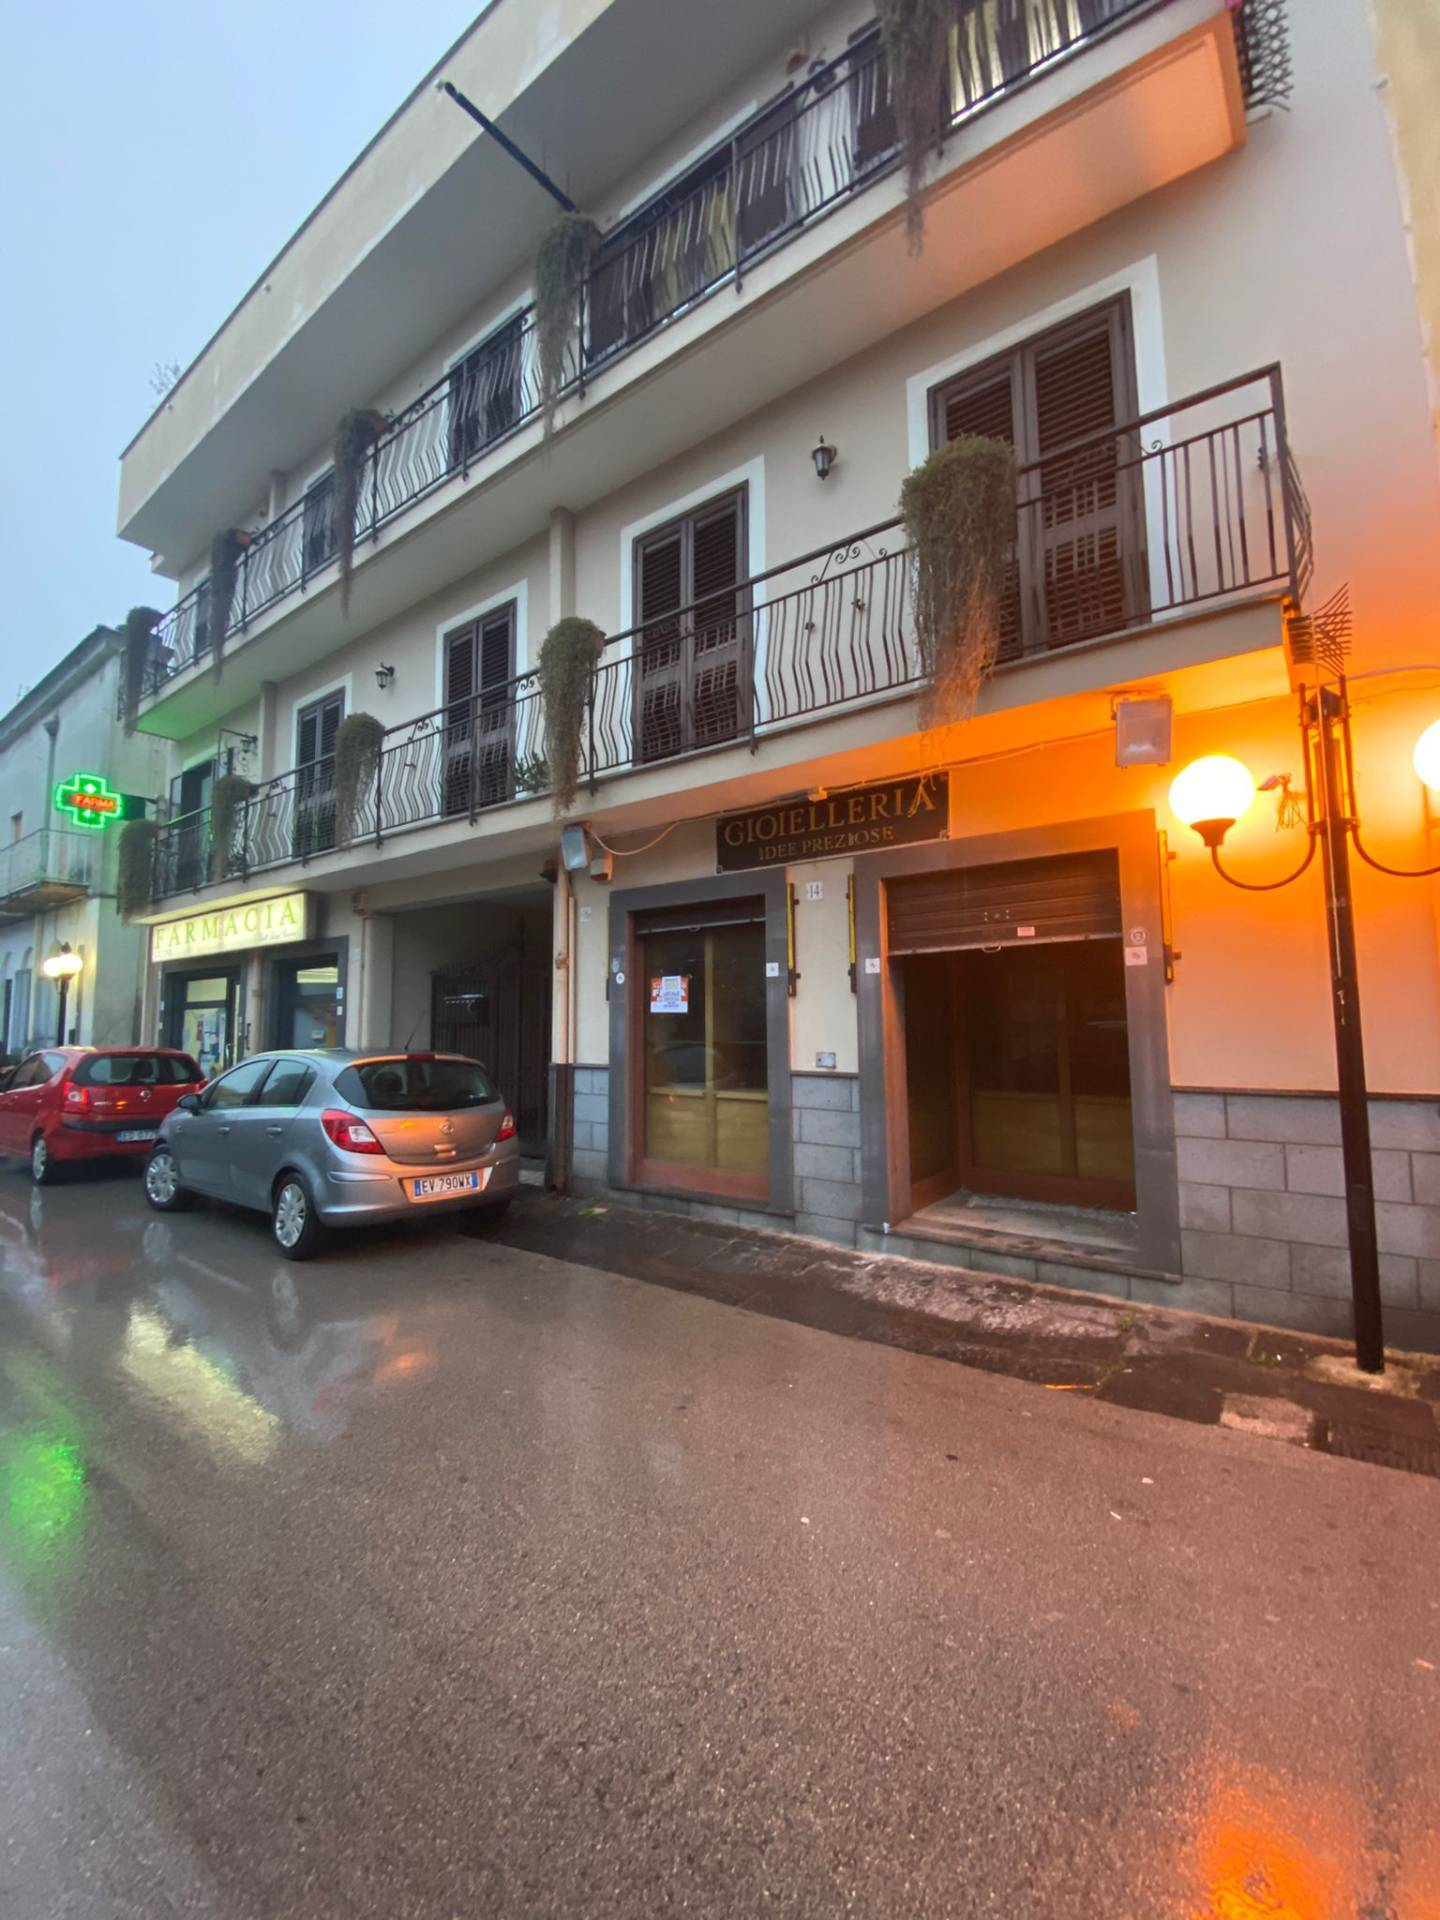 Attività / Licenza in affitto a Marigliano, 2 locali, prezzo € 400 | CambioCasa.it